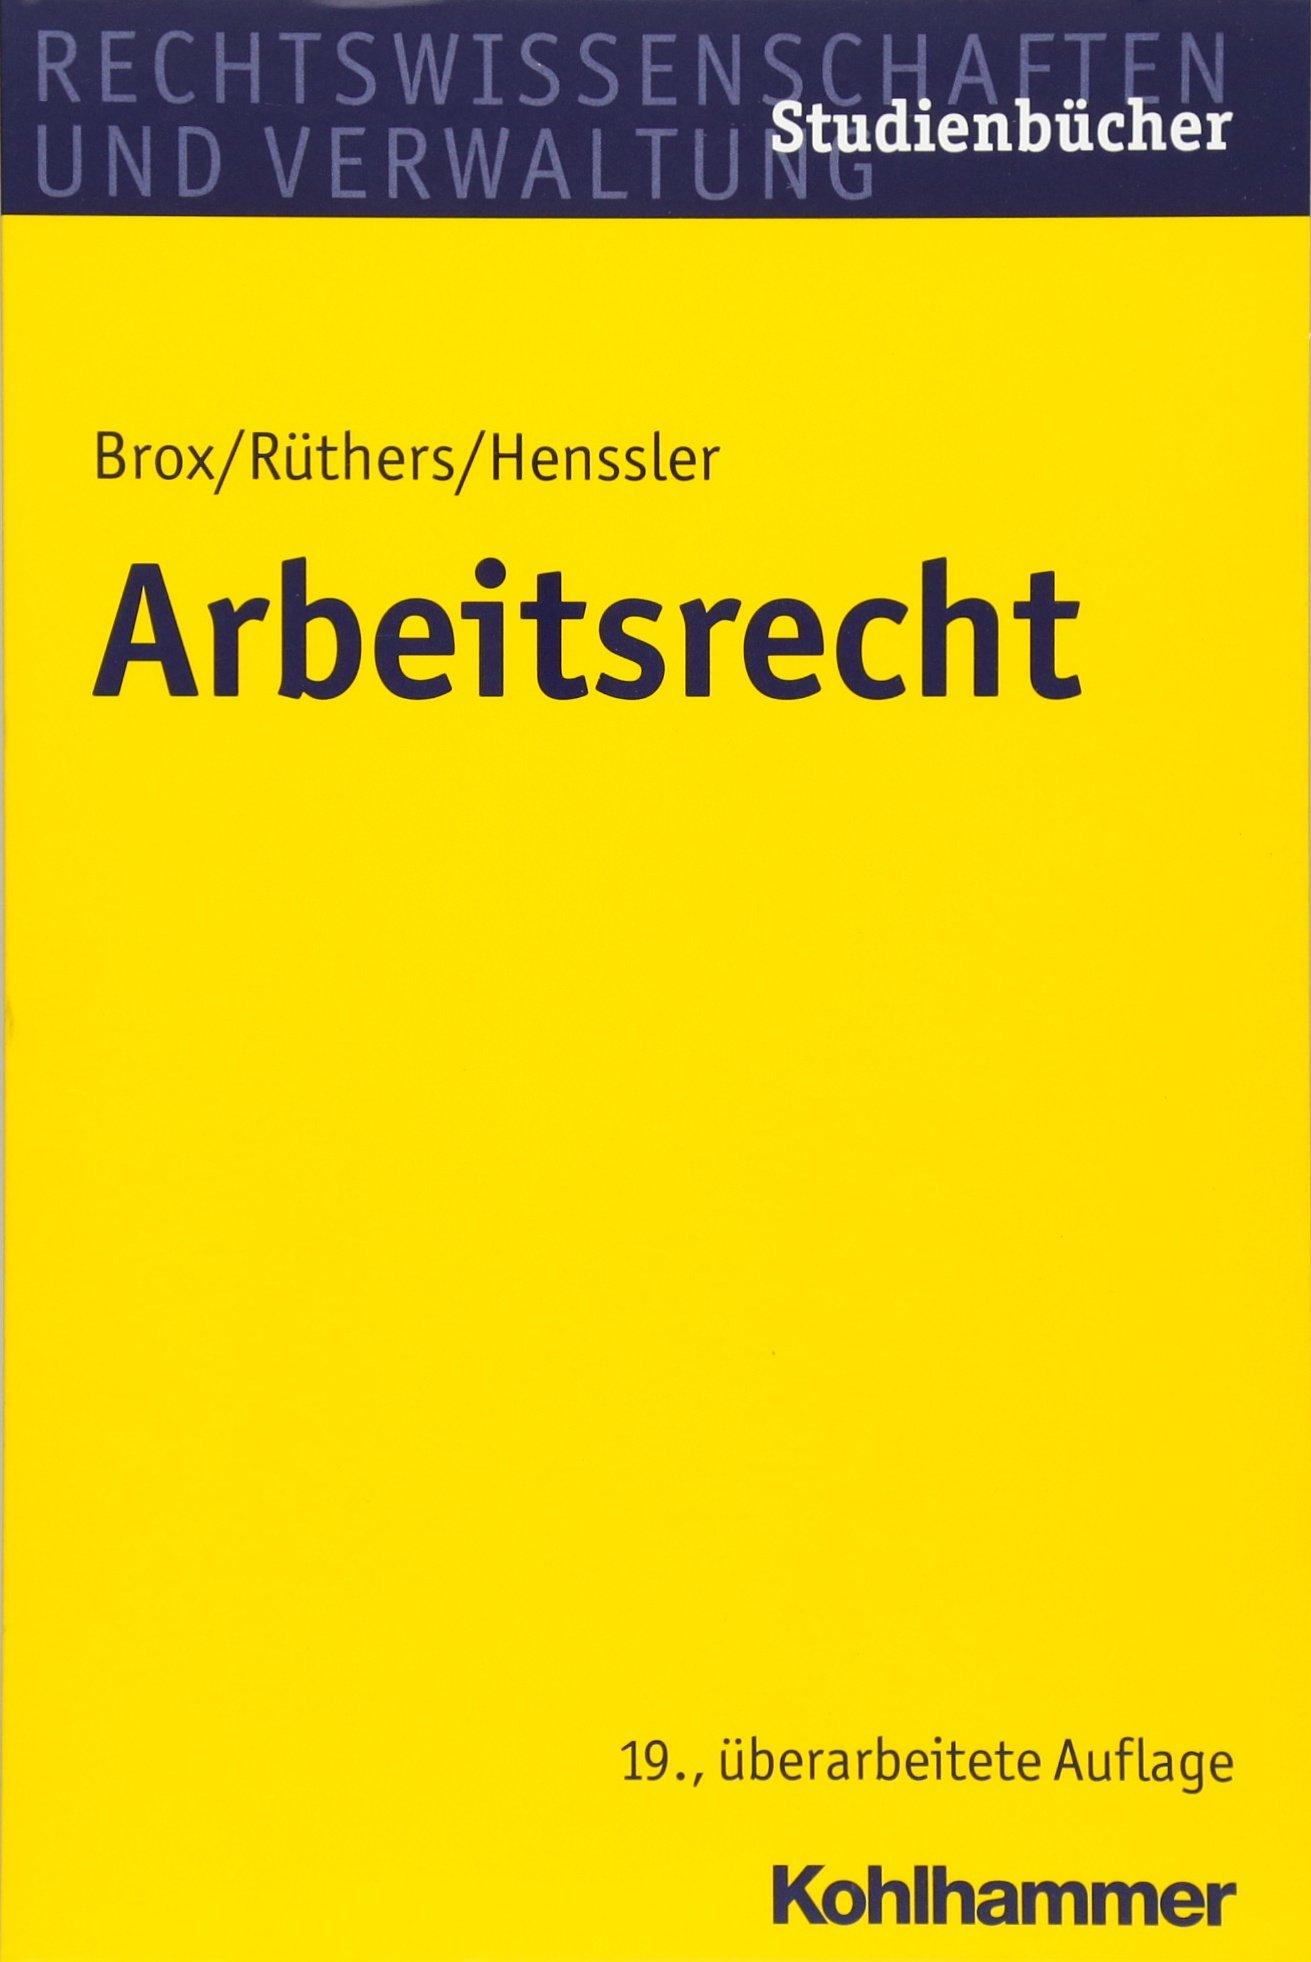 Arbeitsrecht  Studienbucher Rechtswissenschaft